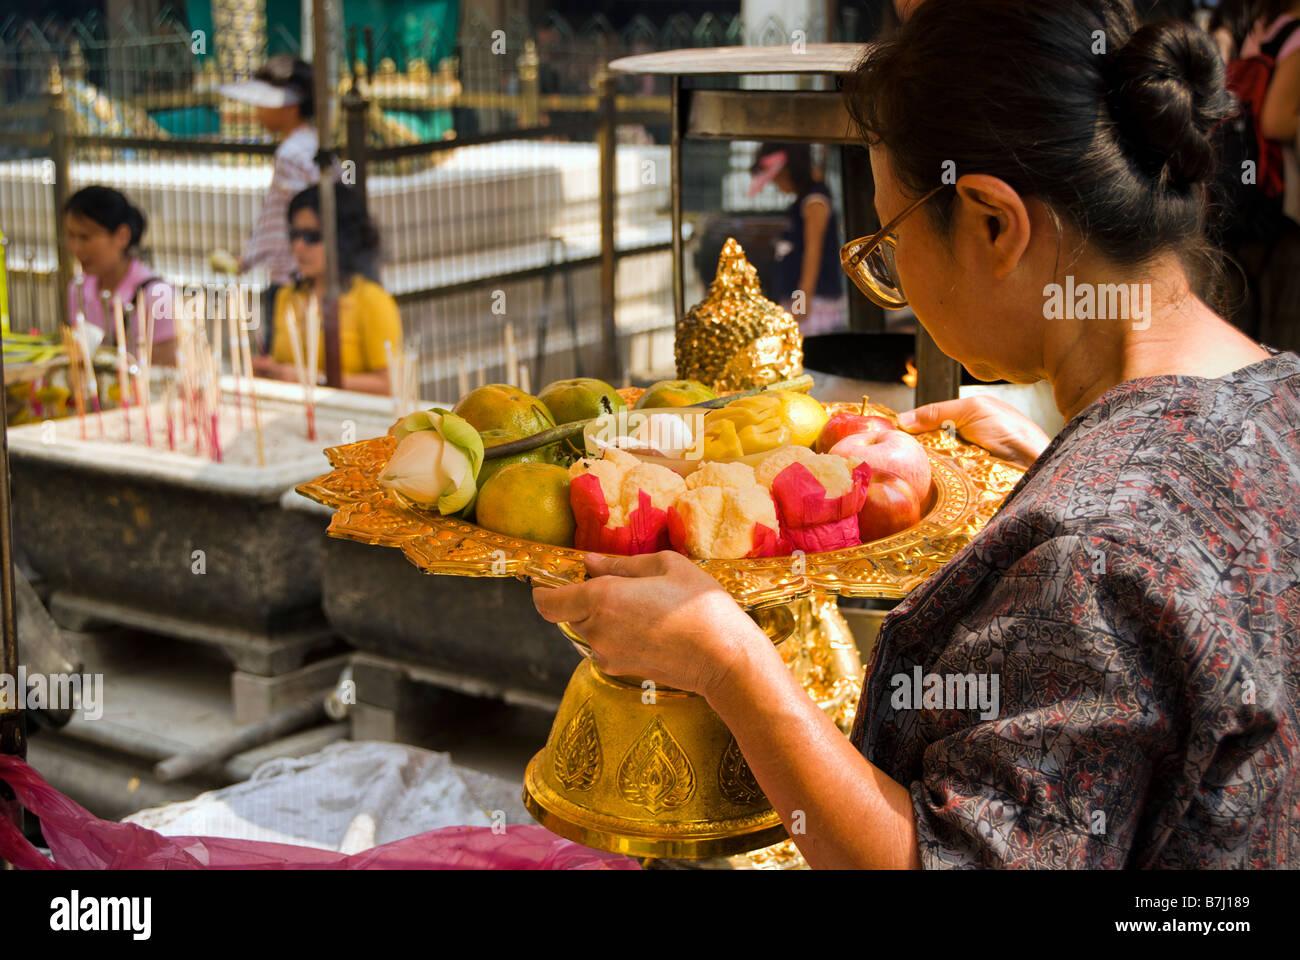 Thai Frau machen, Obst und Blumen-Angebot - Wat Phra Kaew und dem Grand Palace in Bangkok Zentralthailand Stockfoto